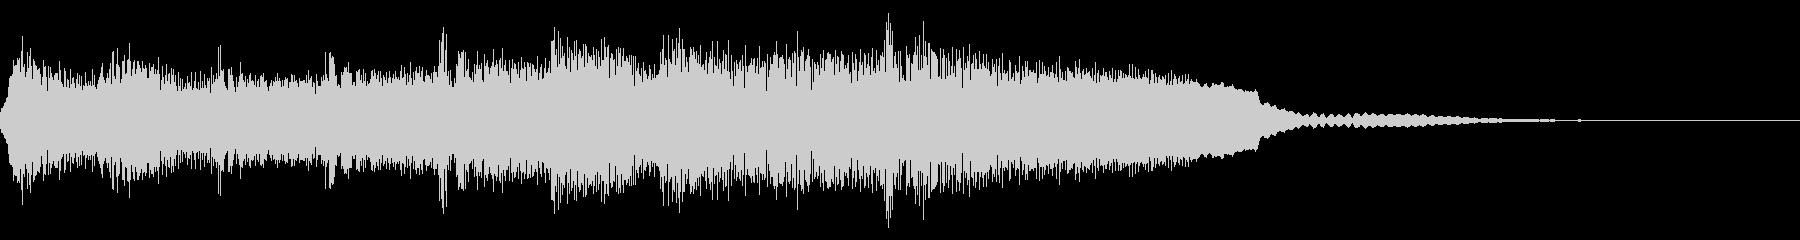 ホラー、ADV向け重苦しい背景音の未再生の波形